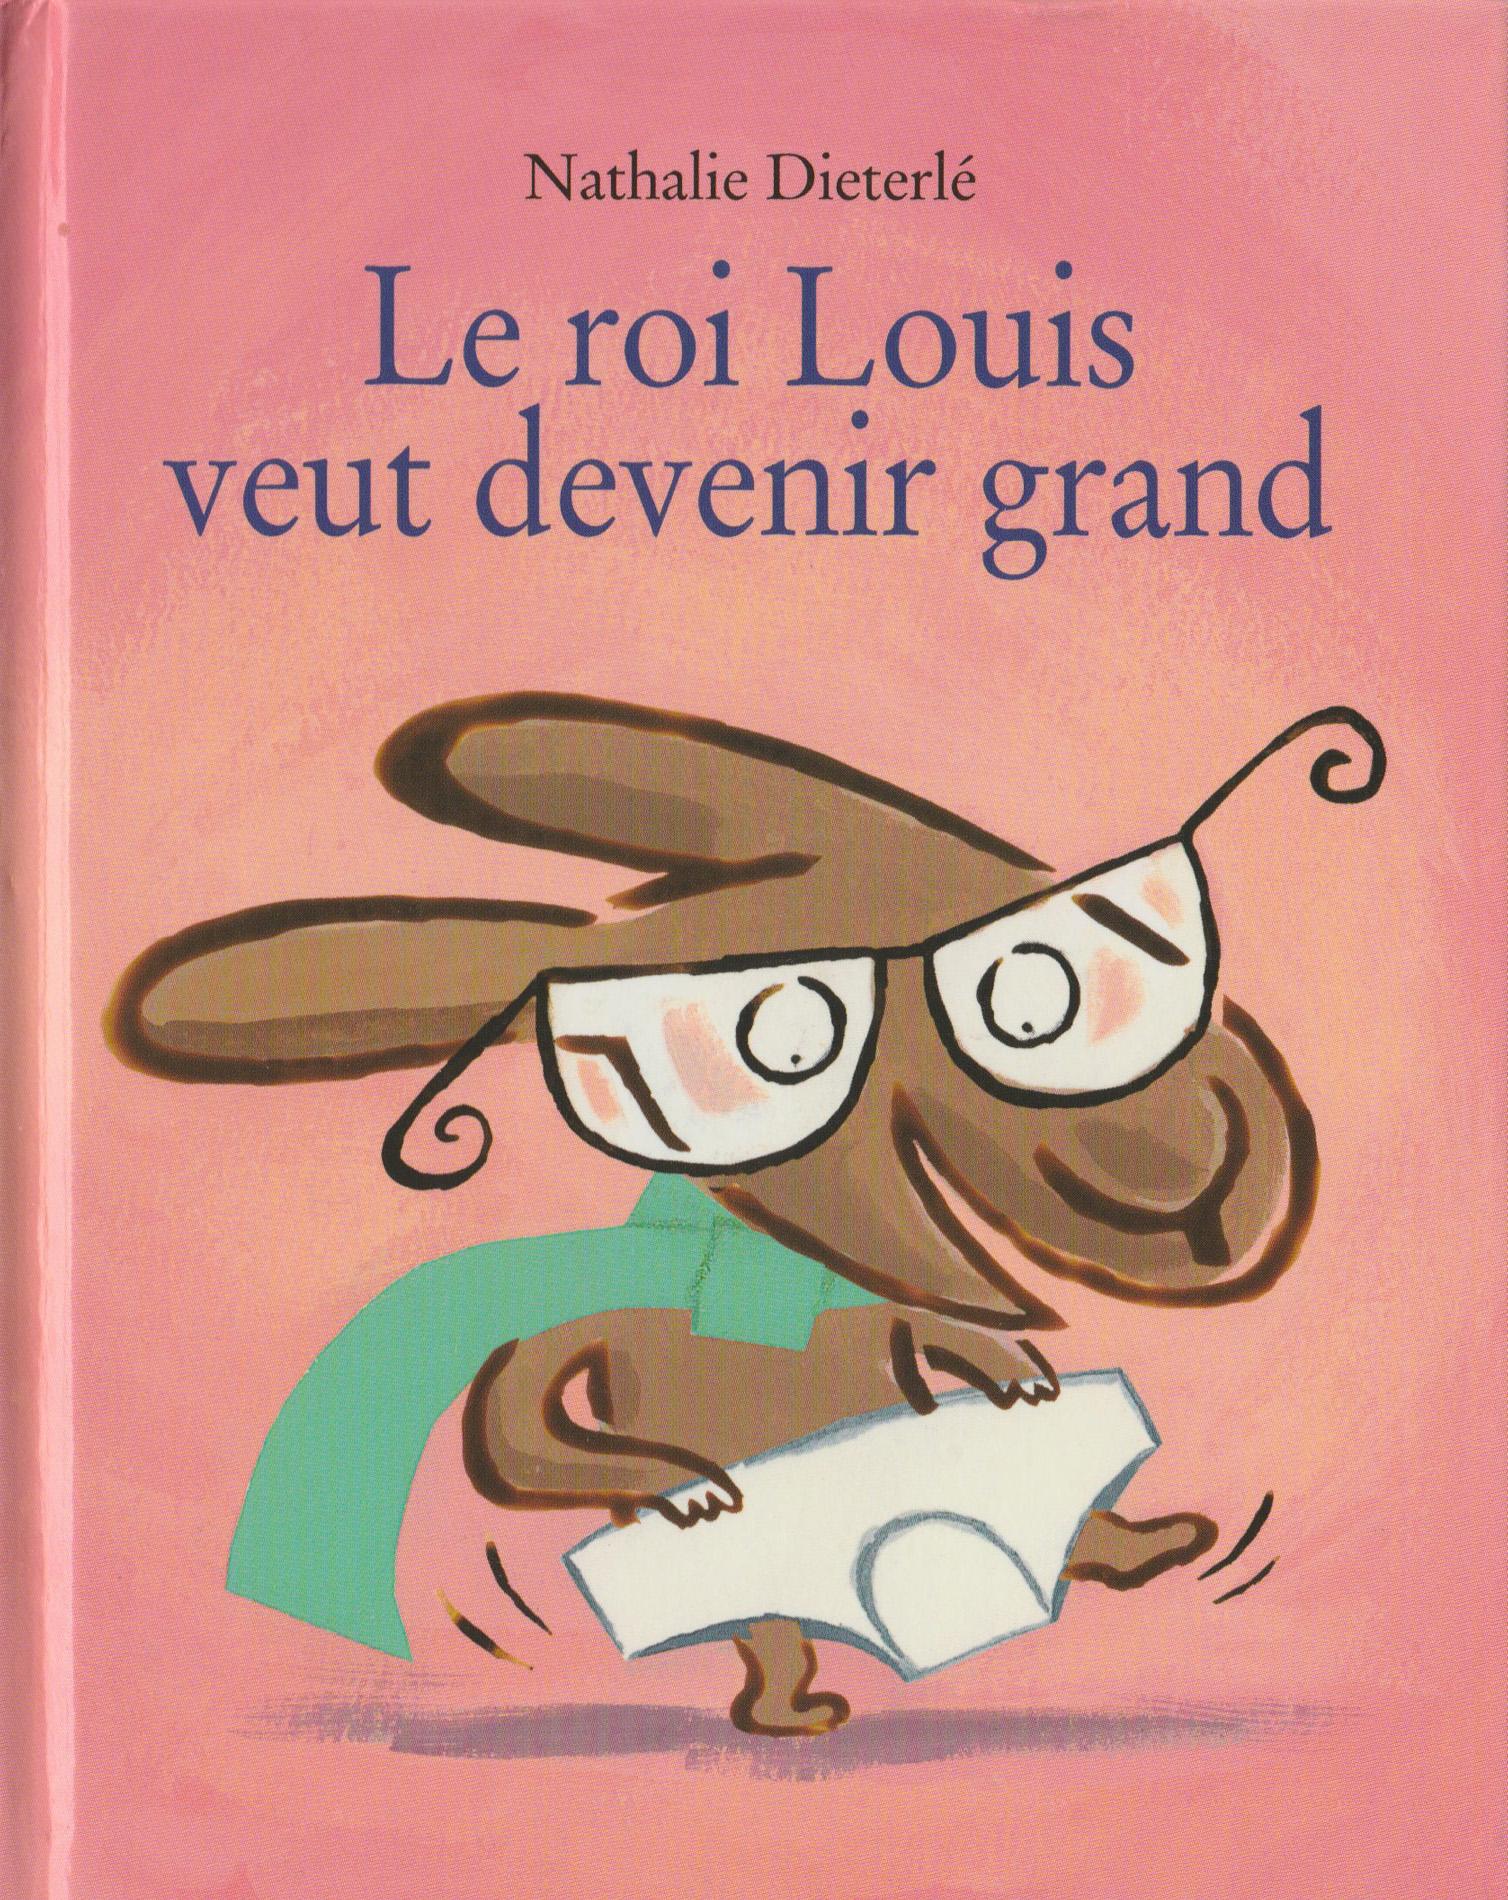 Le roi Louis veut devenir grand est un album jeunesse écrit et illustré par Nathalie Dieterlé aux éditions Kaleidoscope